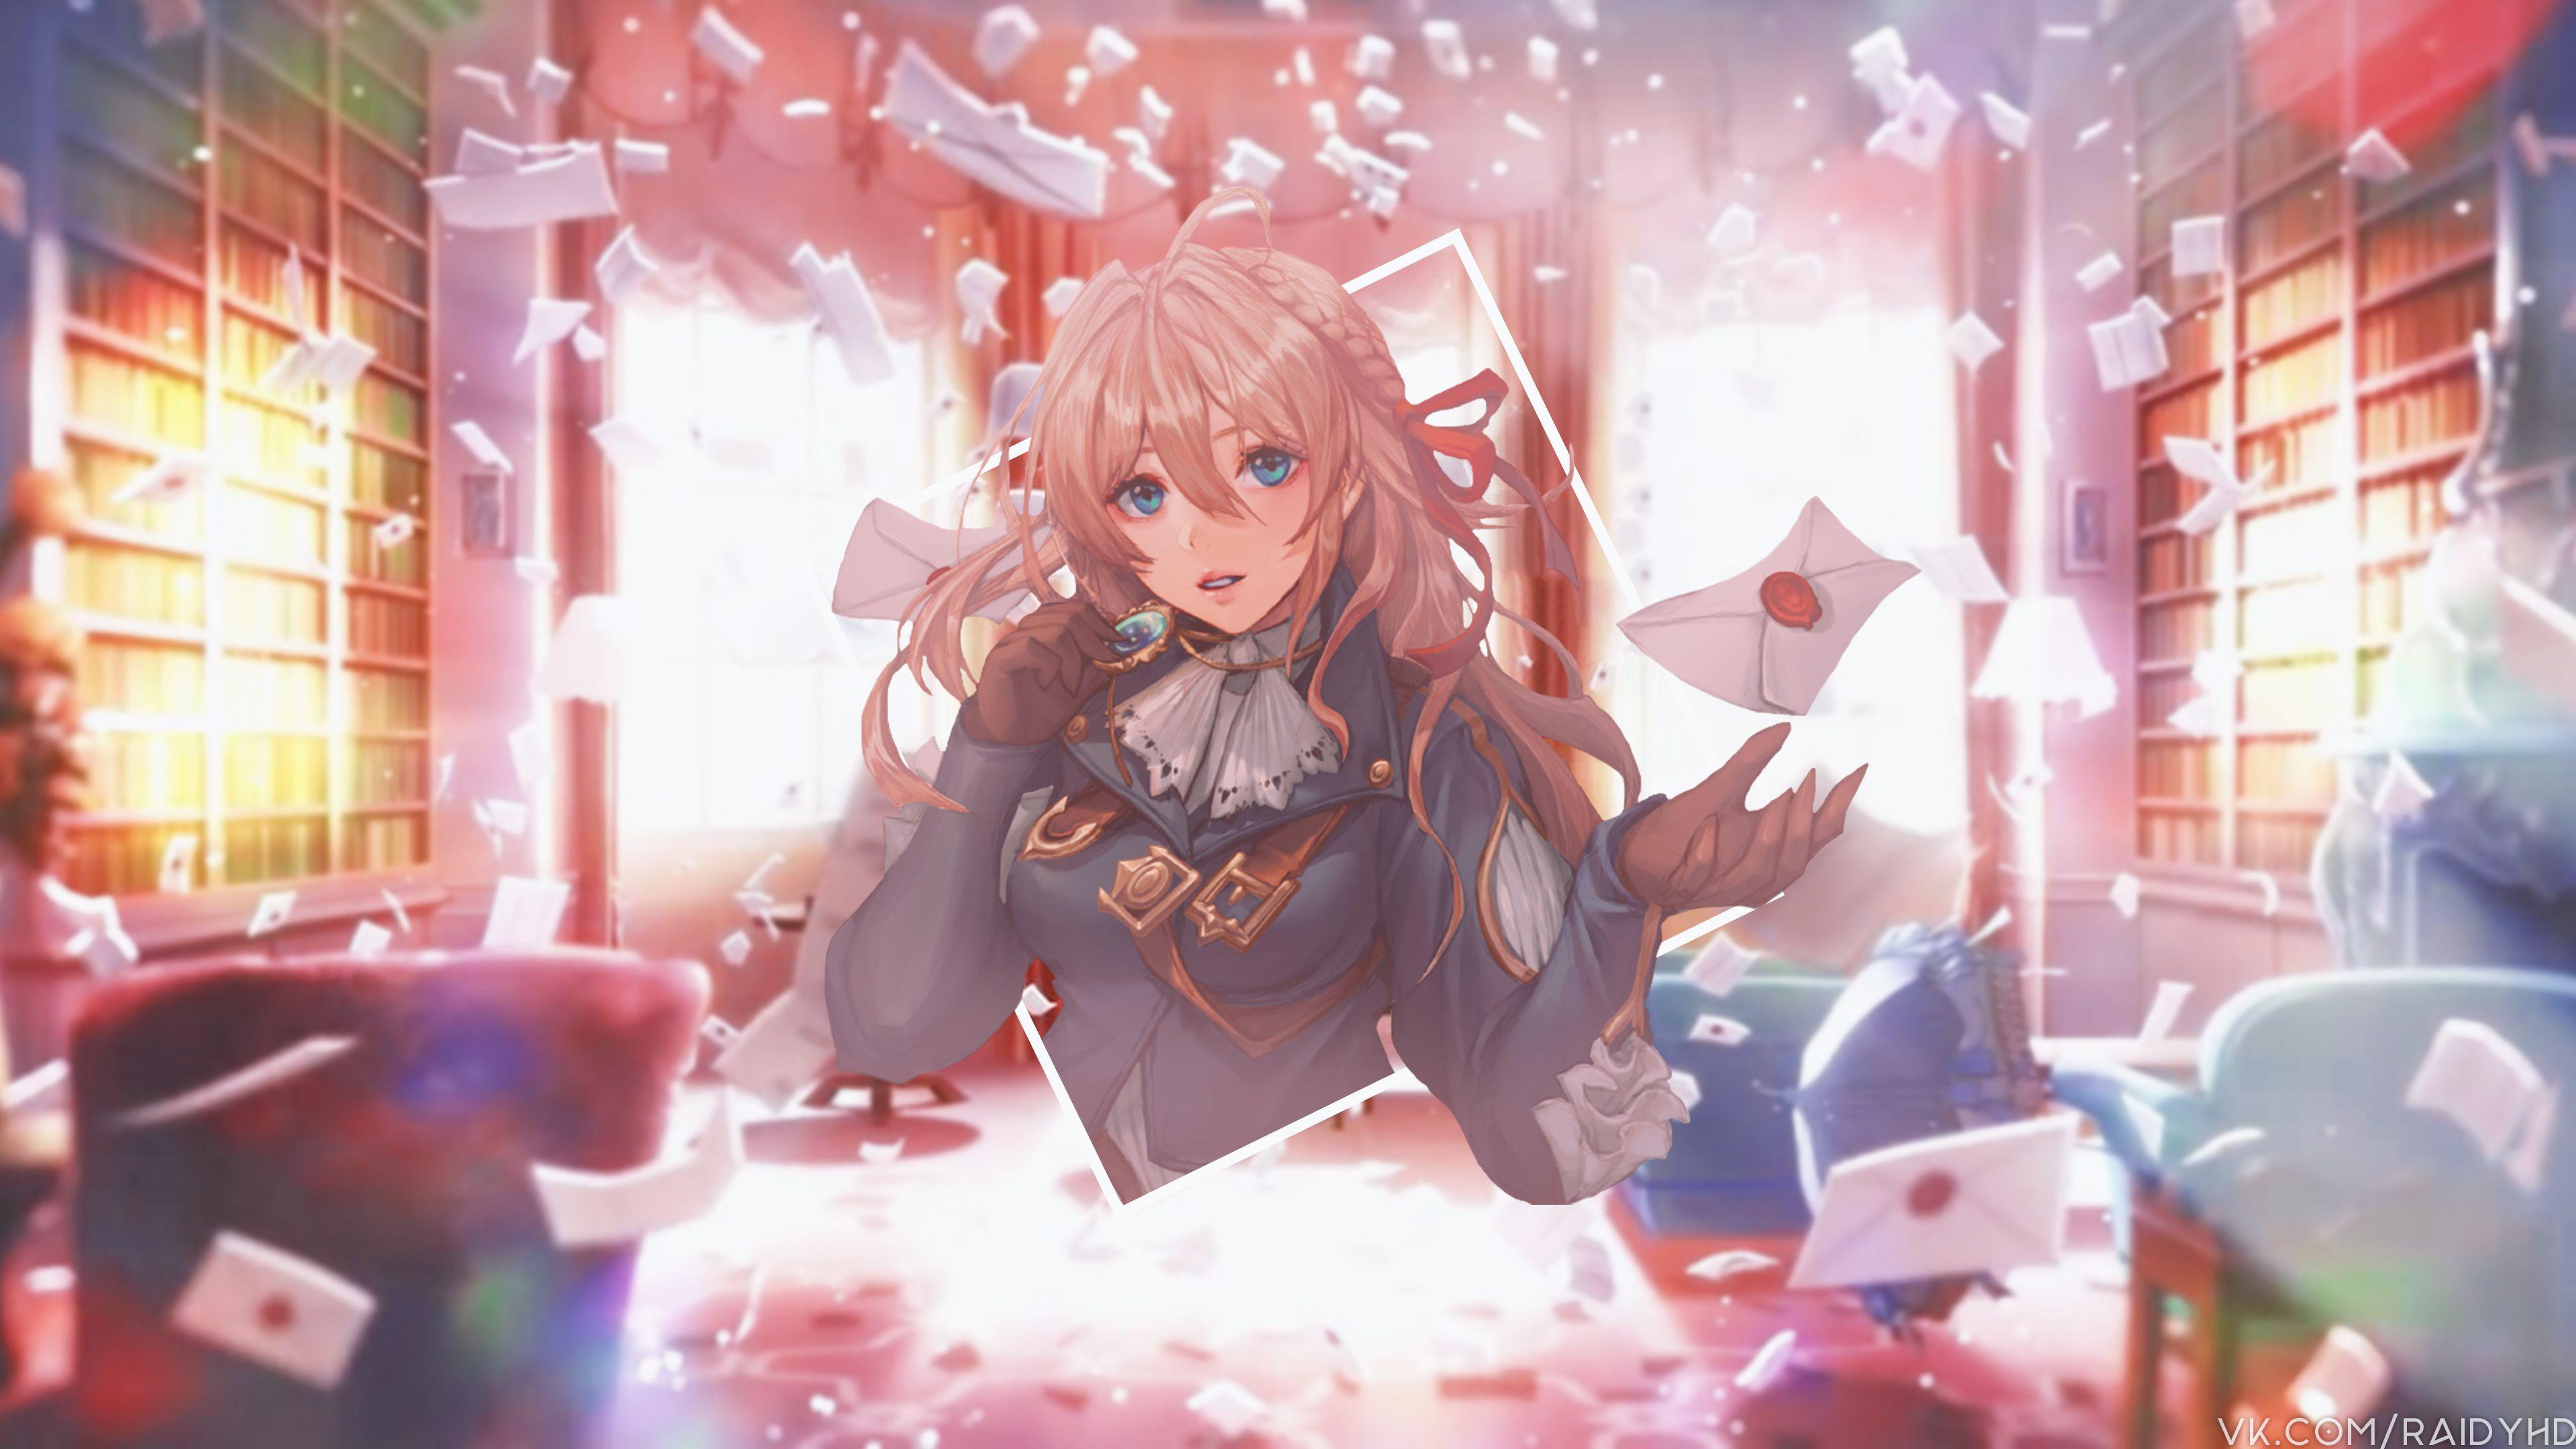 4k Background Images Anime doraemon in 2020 Violet